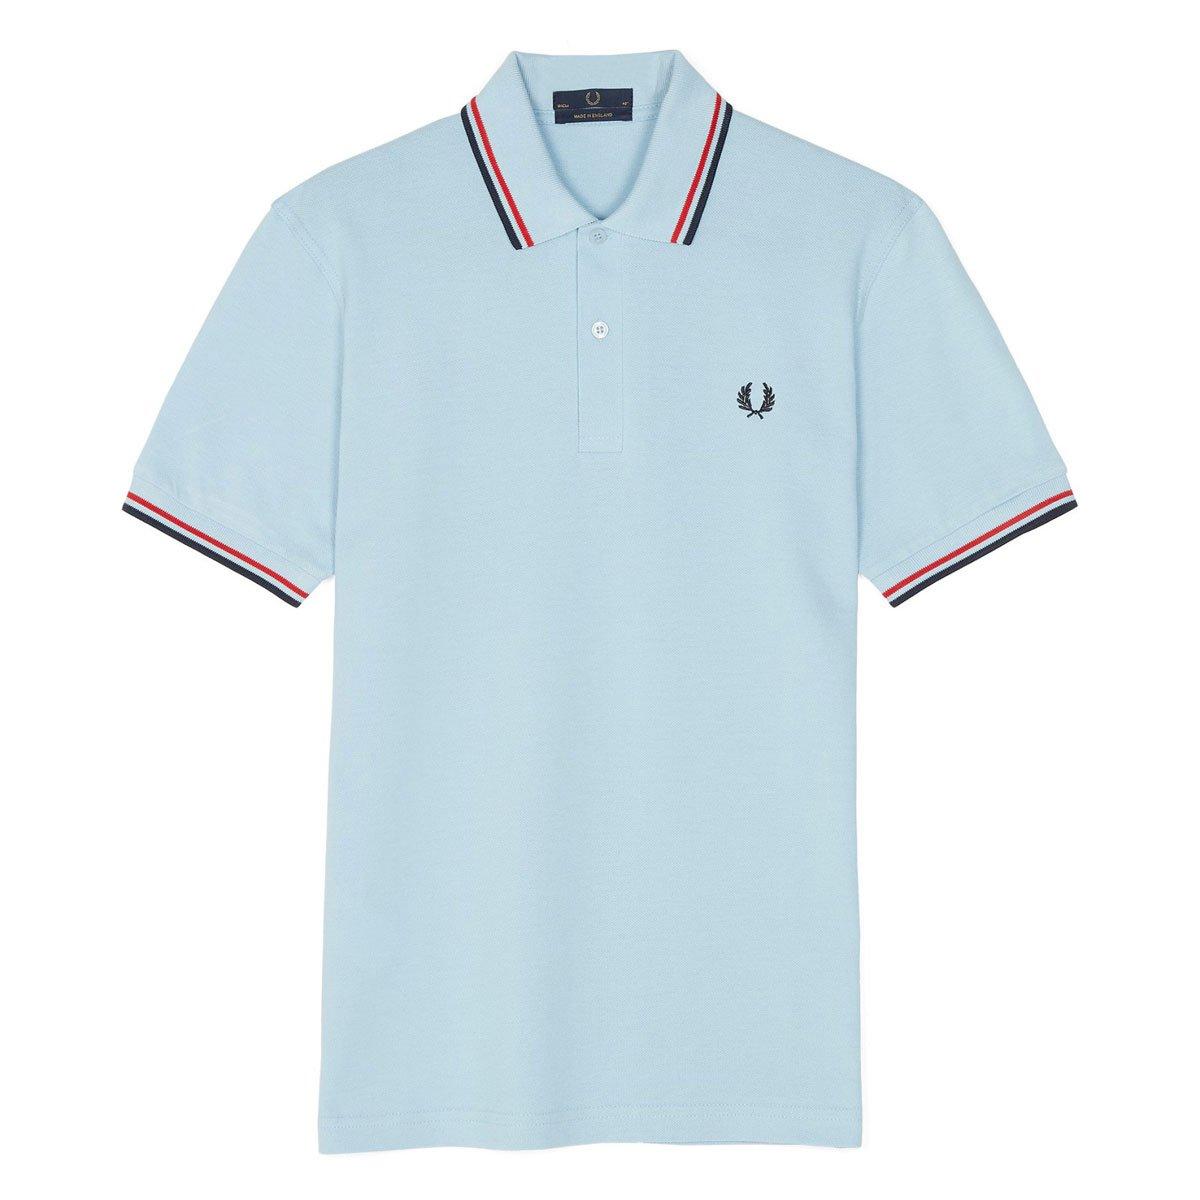 [フレッドペリー]ポロシャツ TWIN TIPPED FRED PERRY SHIRT M12N メンズ B07D7N8HQT UK38(Mサイズ相当)|ICE(105) ICE(105) UK38(Mサイズ相当)